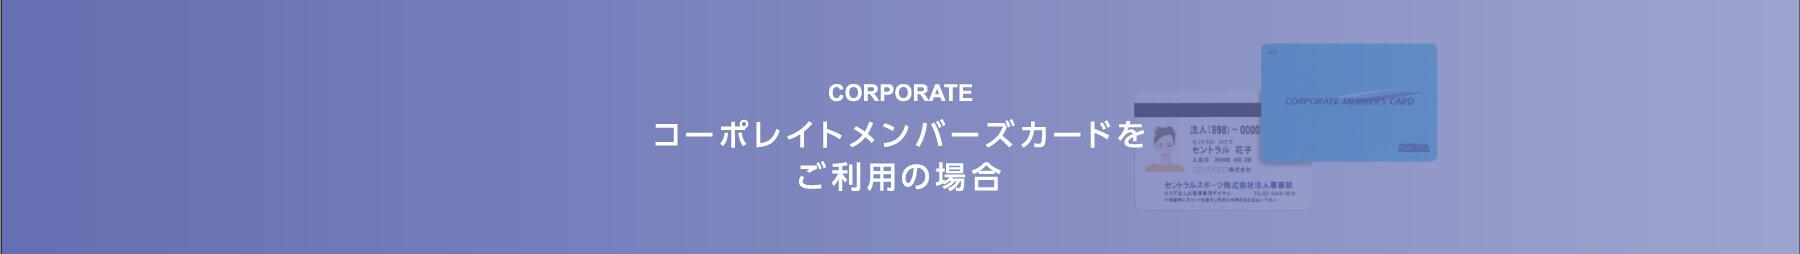 コーポレイトメンバーズカードをご利用の場合 -CORPORATE-